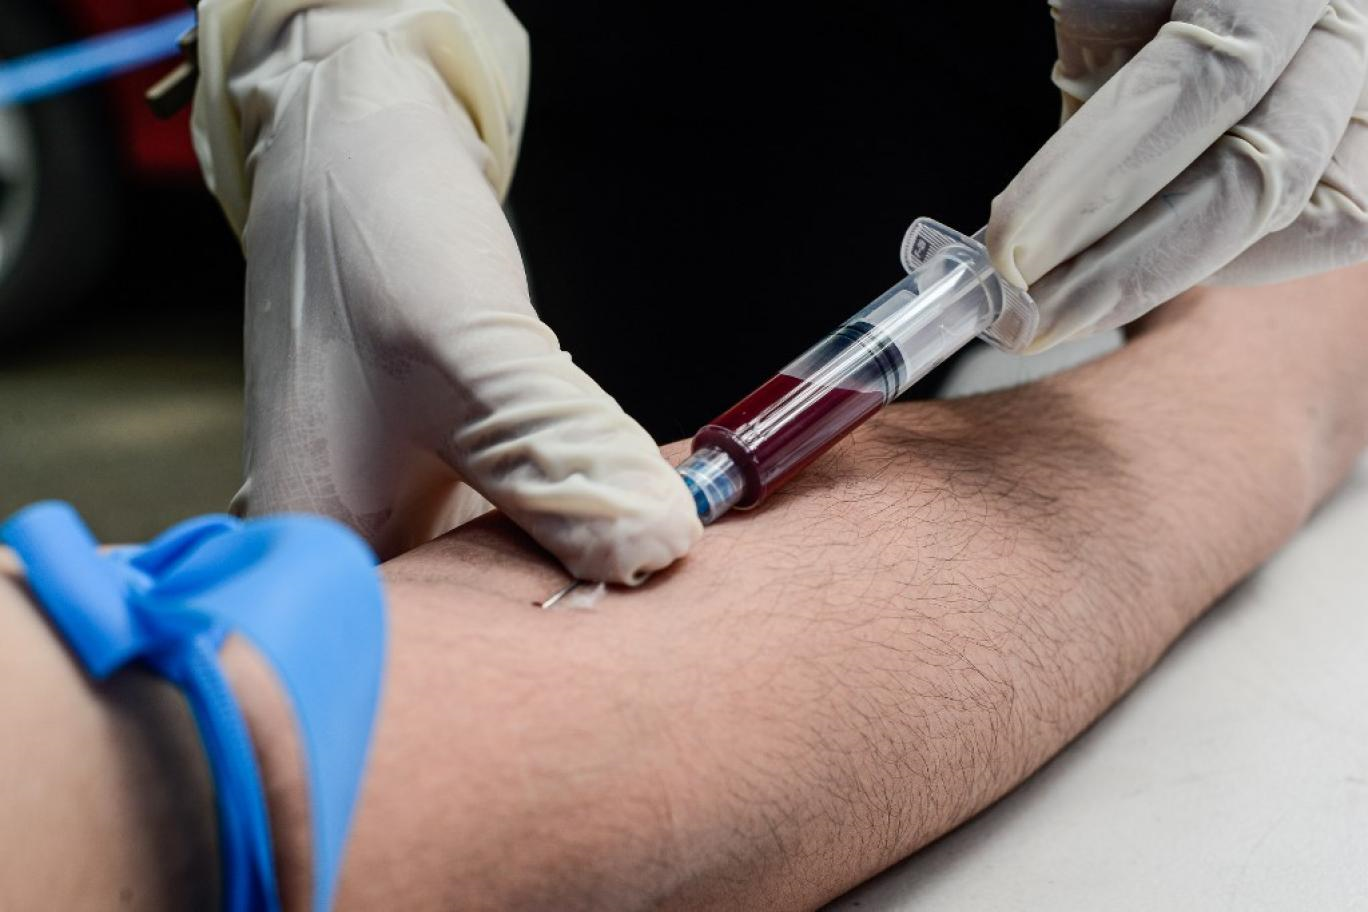 چرا آزمایش بی یو ان یا نیتروژن اوره ی موجود در خون برای افراد دیابتی تجویز میشود؟